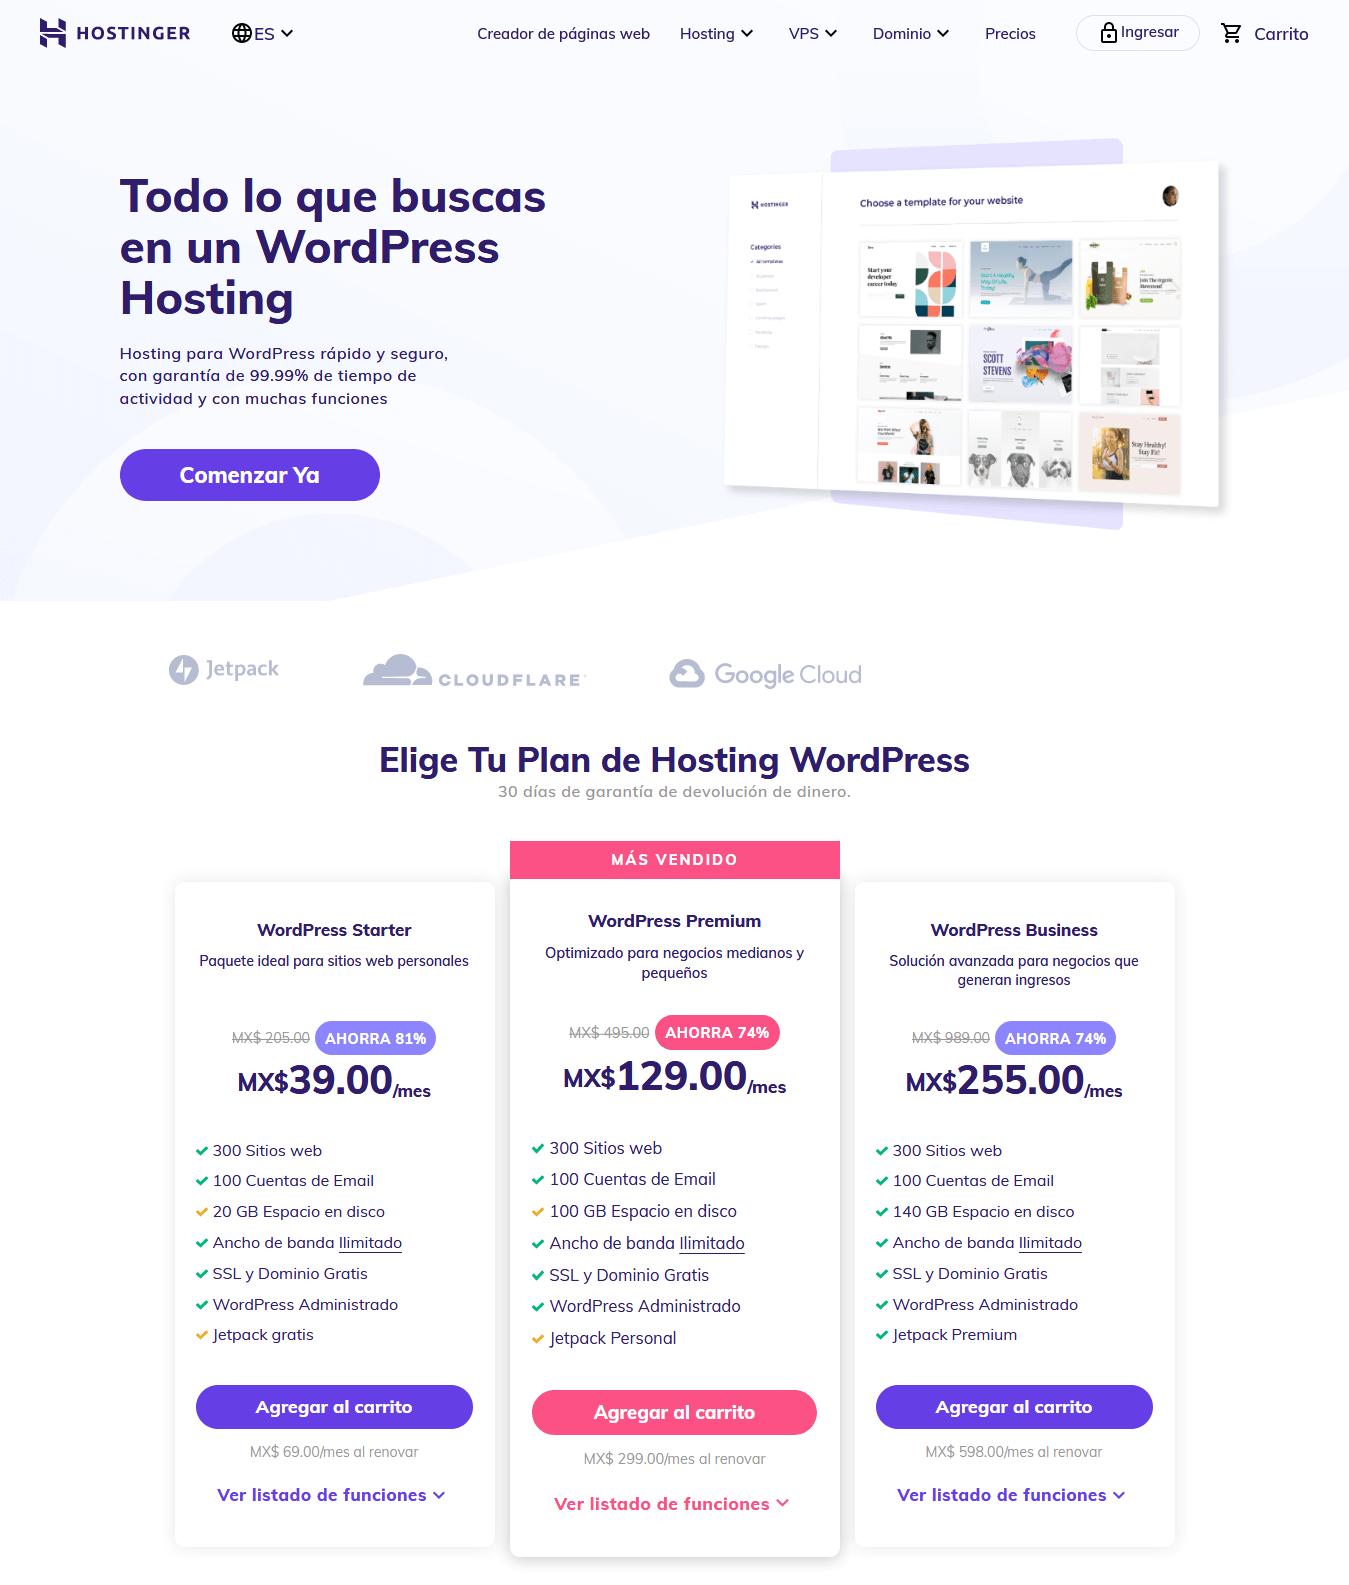 cupones hostinger mexico - cupón hostinger mexico - WordPress Hosting Desde MX$15